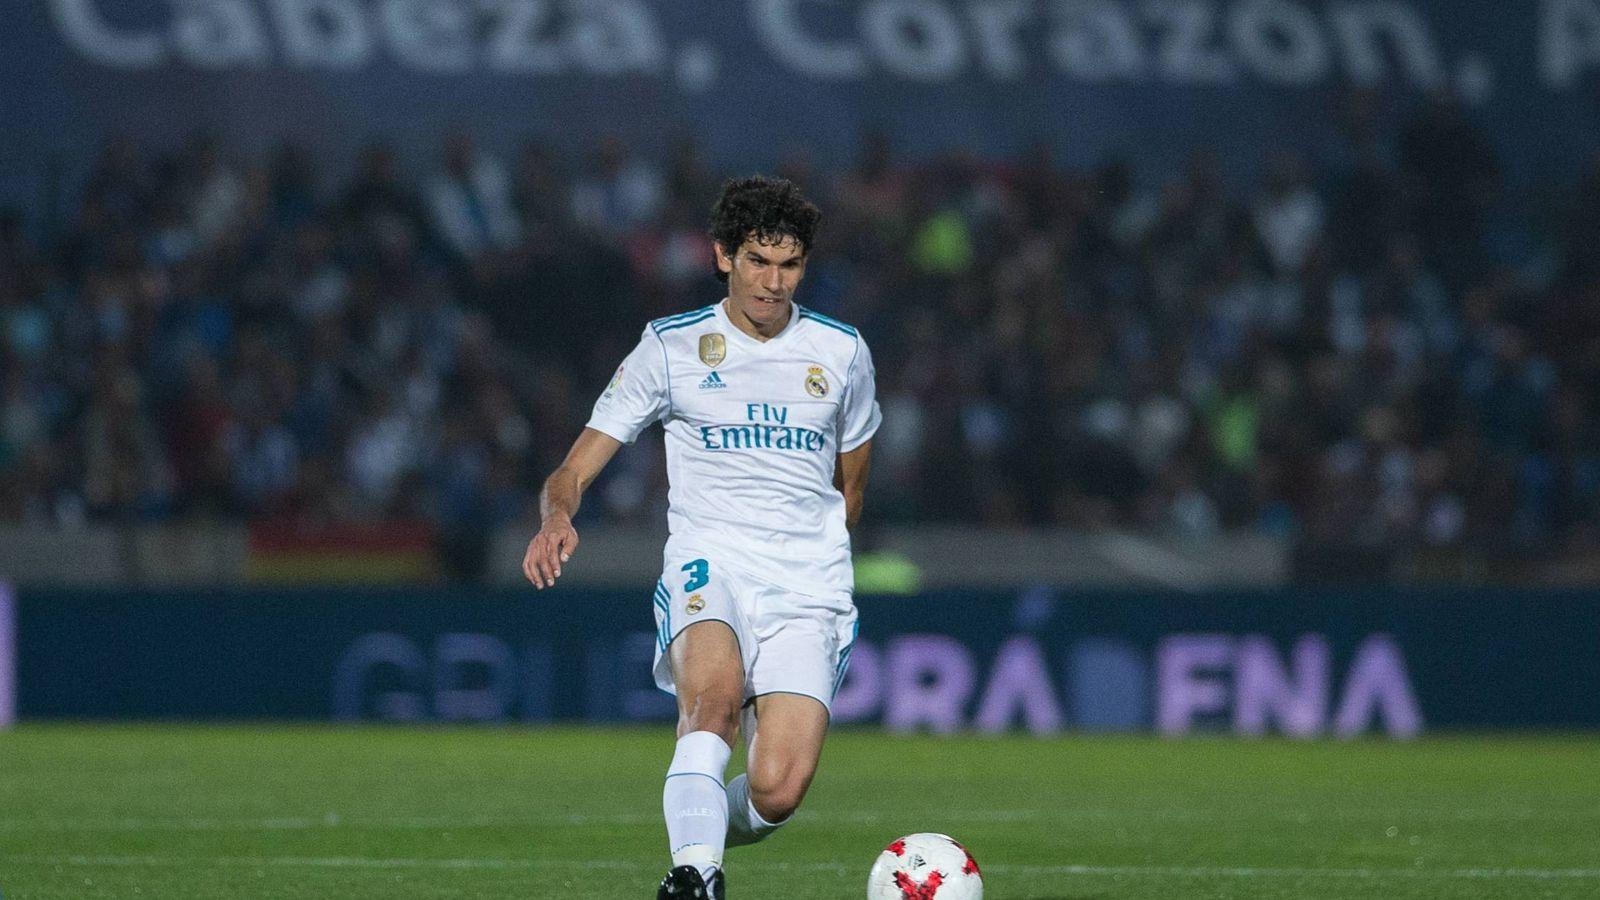 Foto: Jesús Vallejo, durante el partido de Copa que el Real Madrid disputó en Fuenlabrada. (Cordon Press)